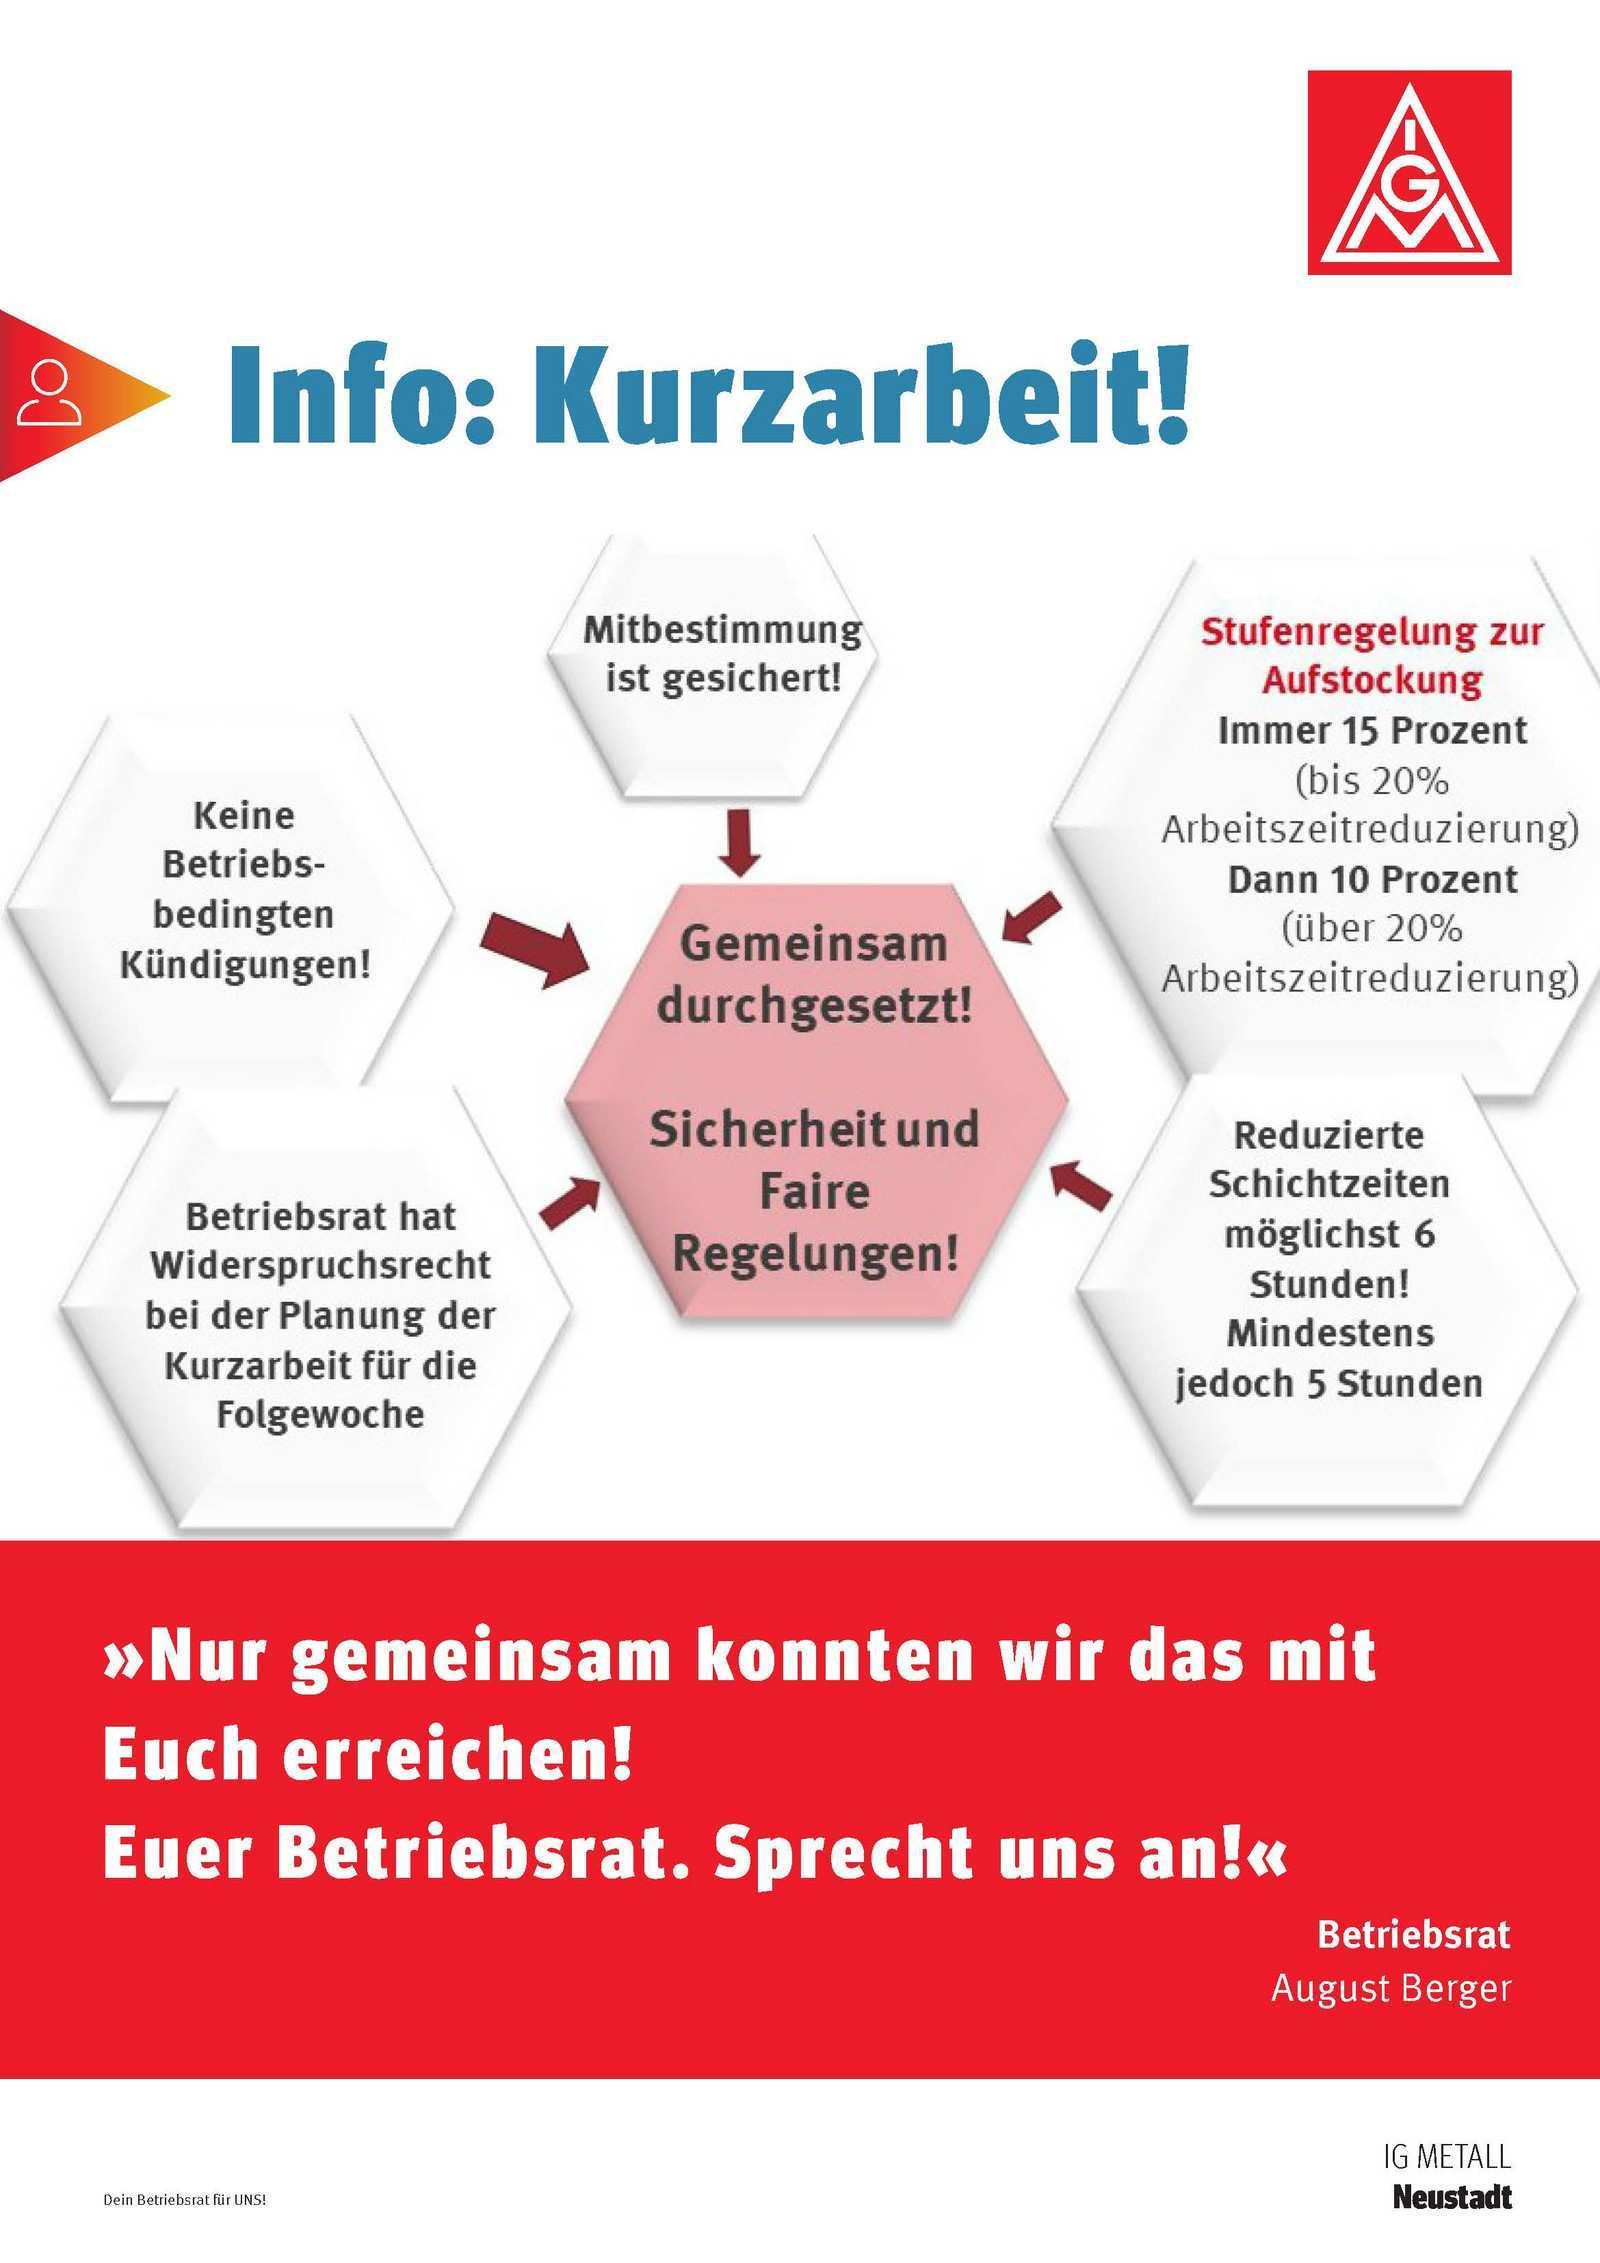 Betriebsvereinbarung Kurzarbeit Bei Berger Metallwaren Abgeschlossen Ig Metall Neustadt